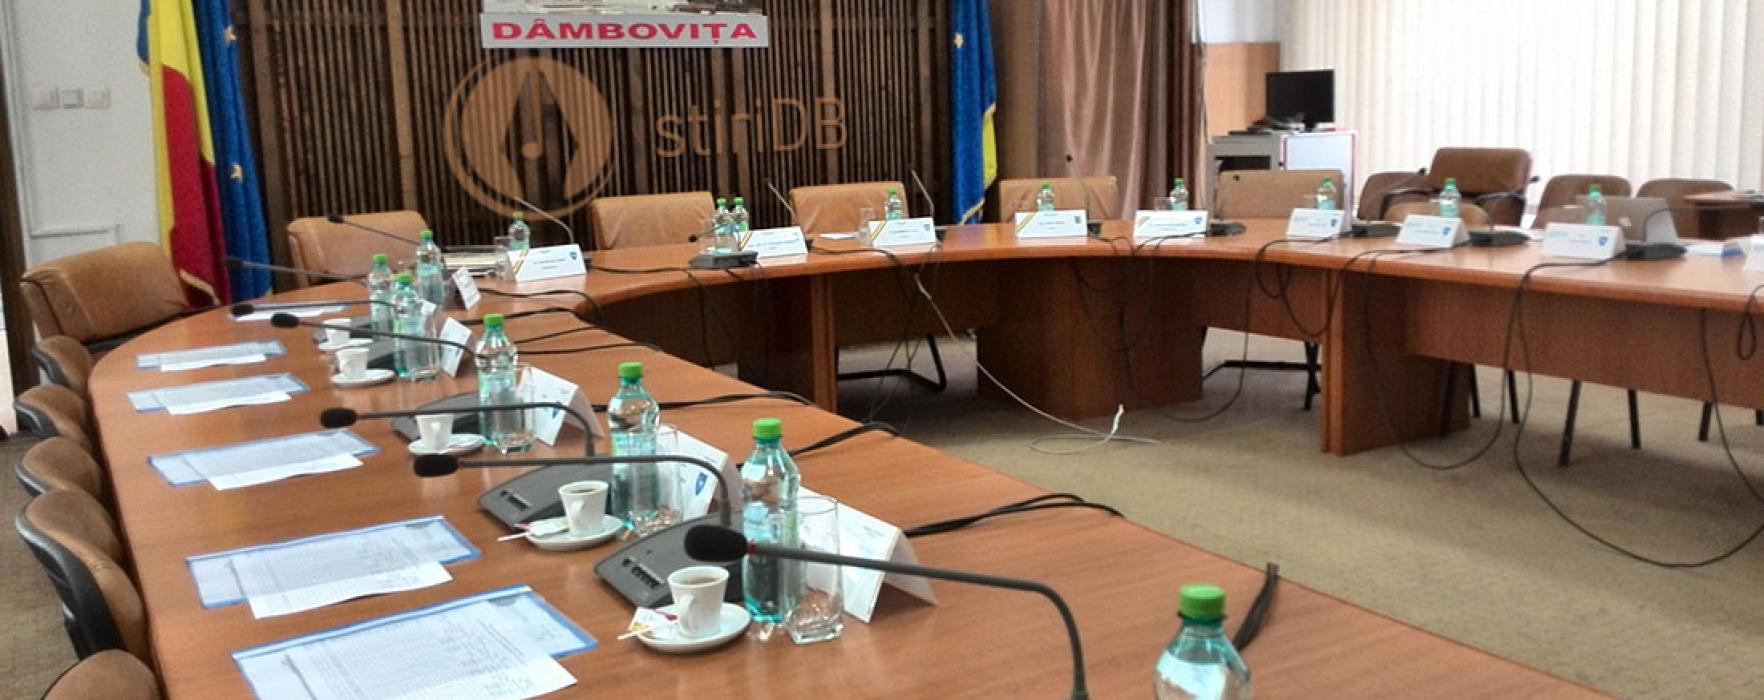 CJ Dâmboviţa: Şedinţa de rectificare bugetară nu s-a ţinut, independenţii au votat alături de ACL